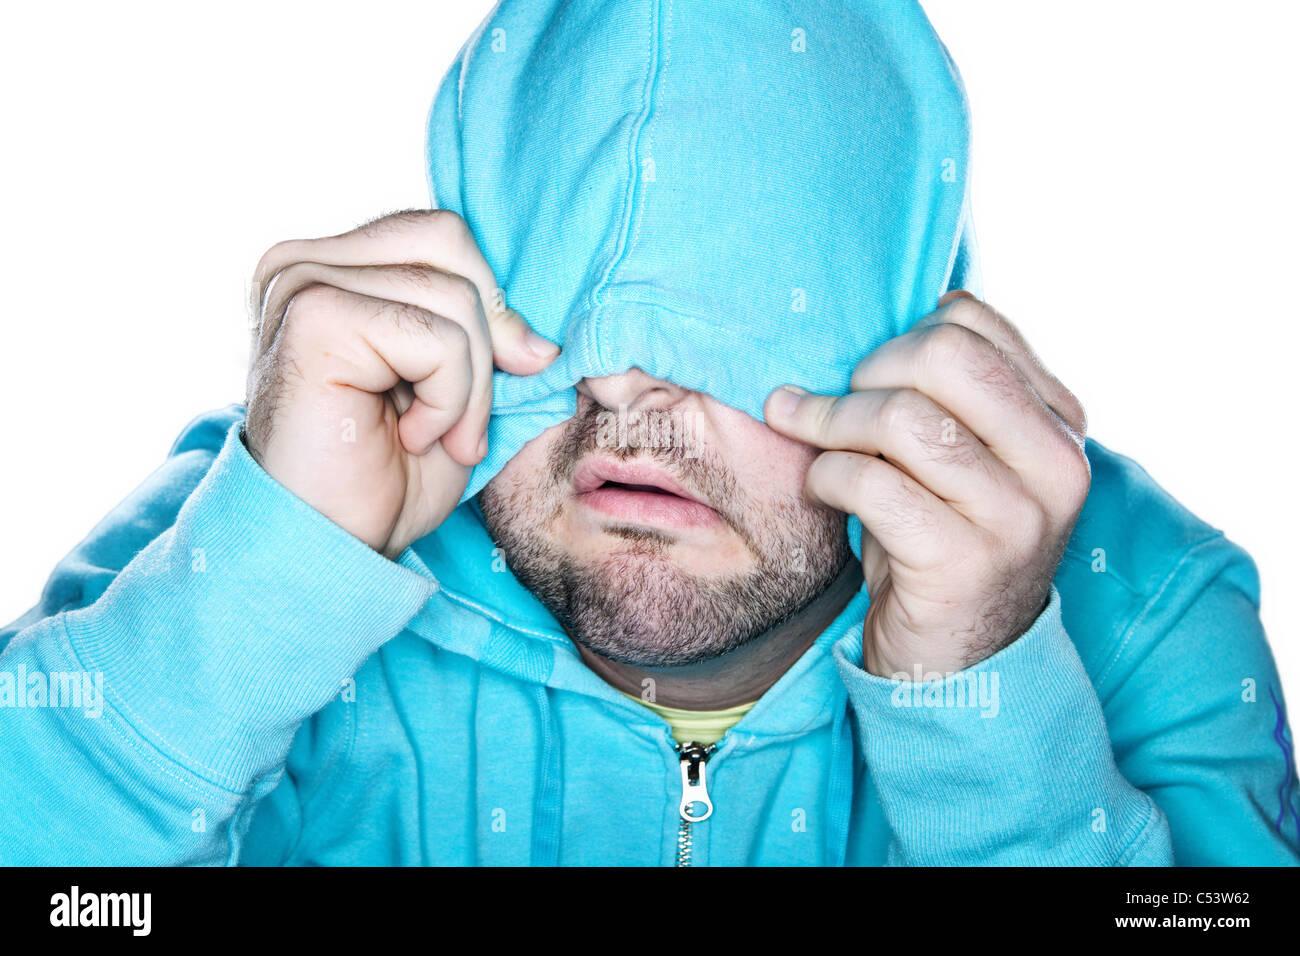 Desaliñado hombre tirando una hoodie azul brillante sobre su rostro, con una expresión de cómico. Imagen De Stock